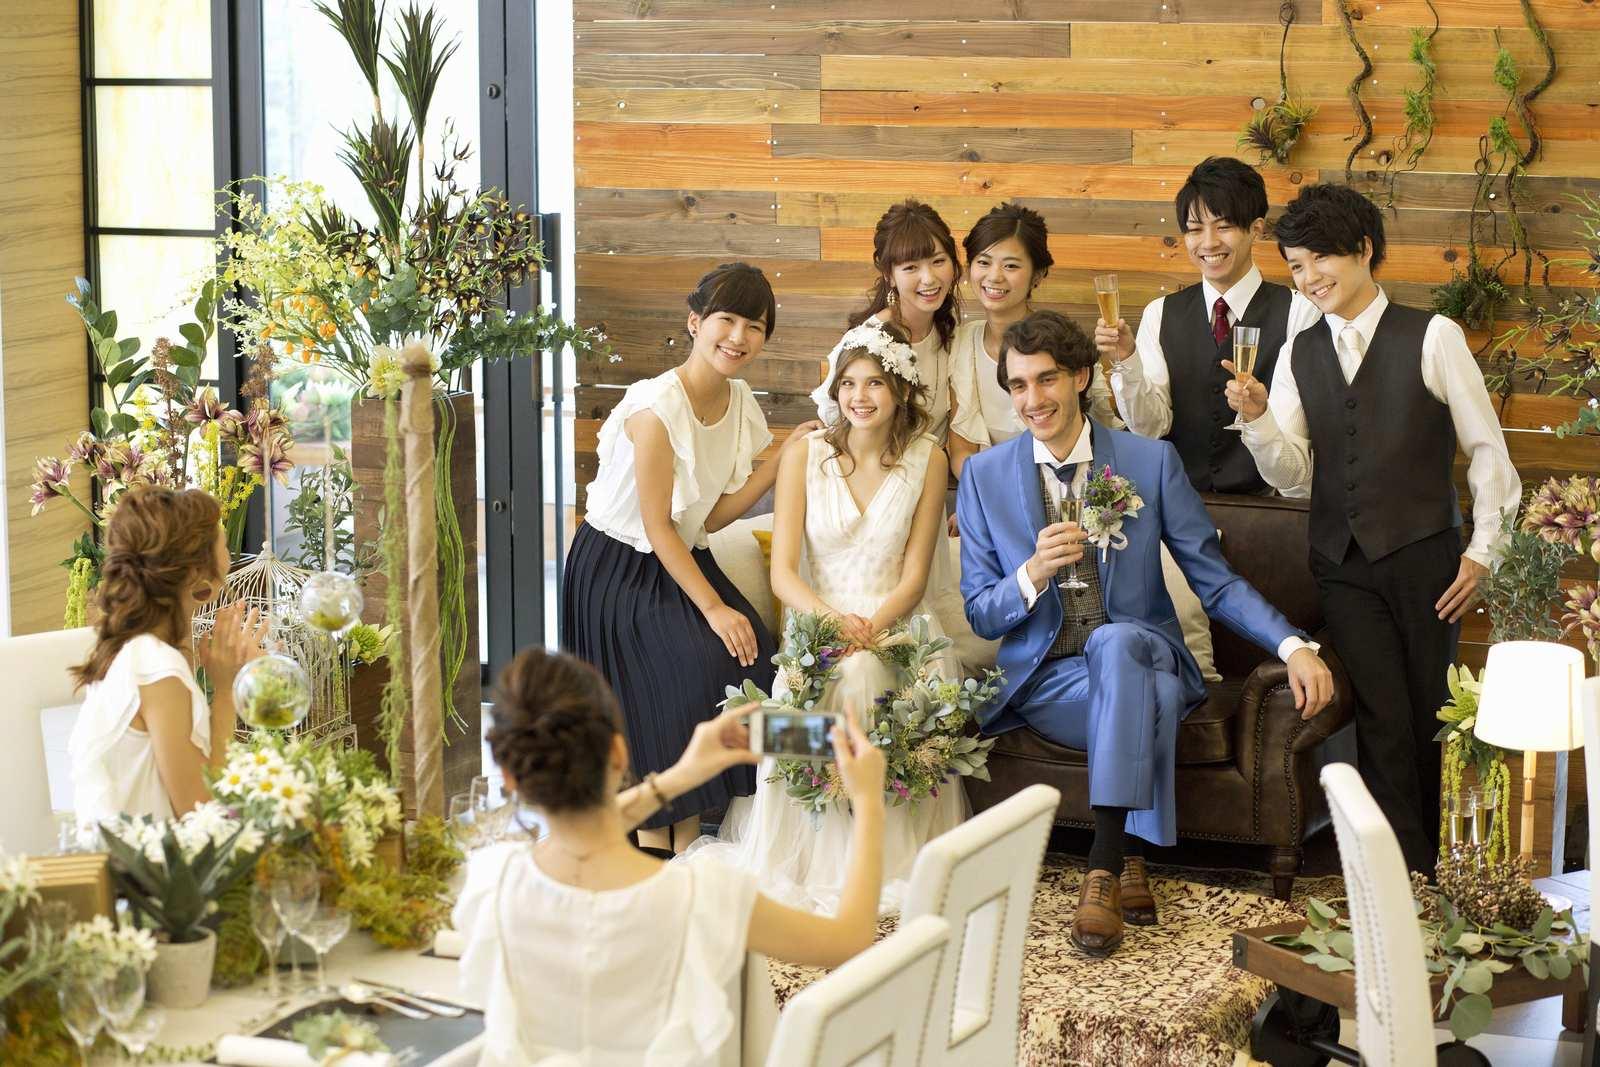 香川県の結婚式場シェルエメール&アイスタイルの披露宴会場